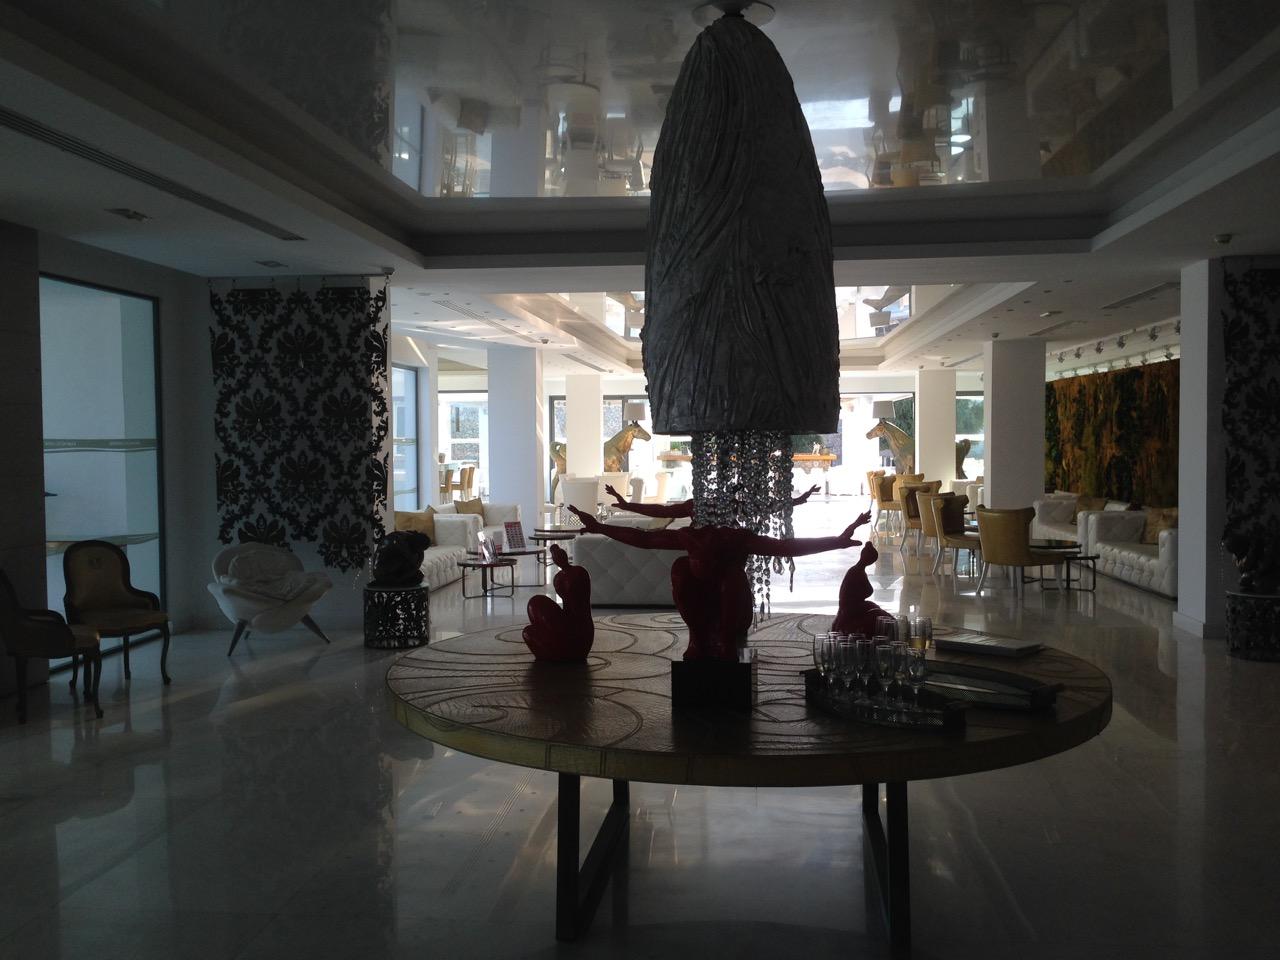 Luxus-Hotel auf Kos, Griechenland VisualVest